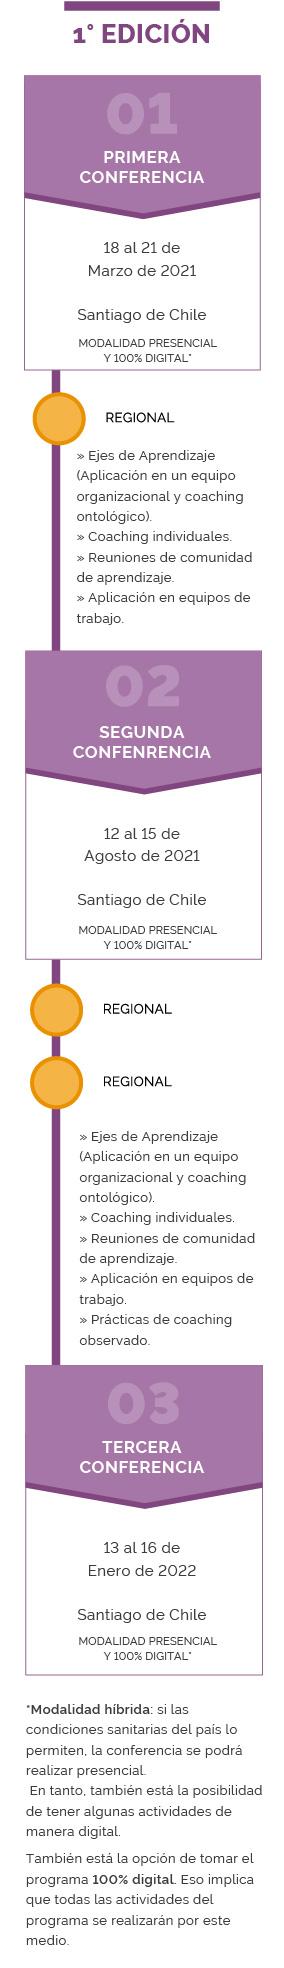 diagrama-abc-1-mobile